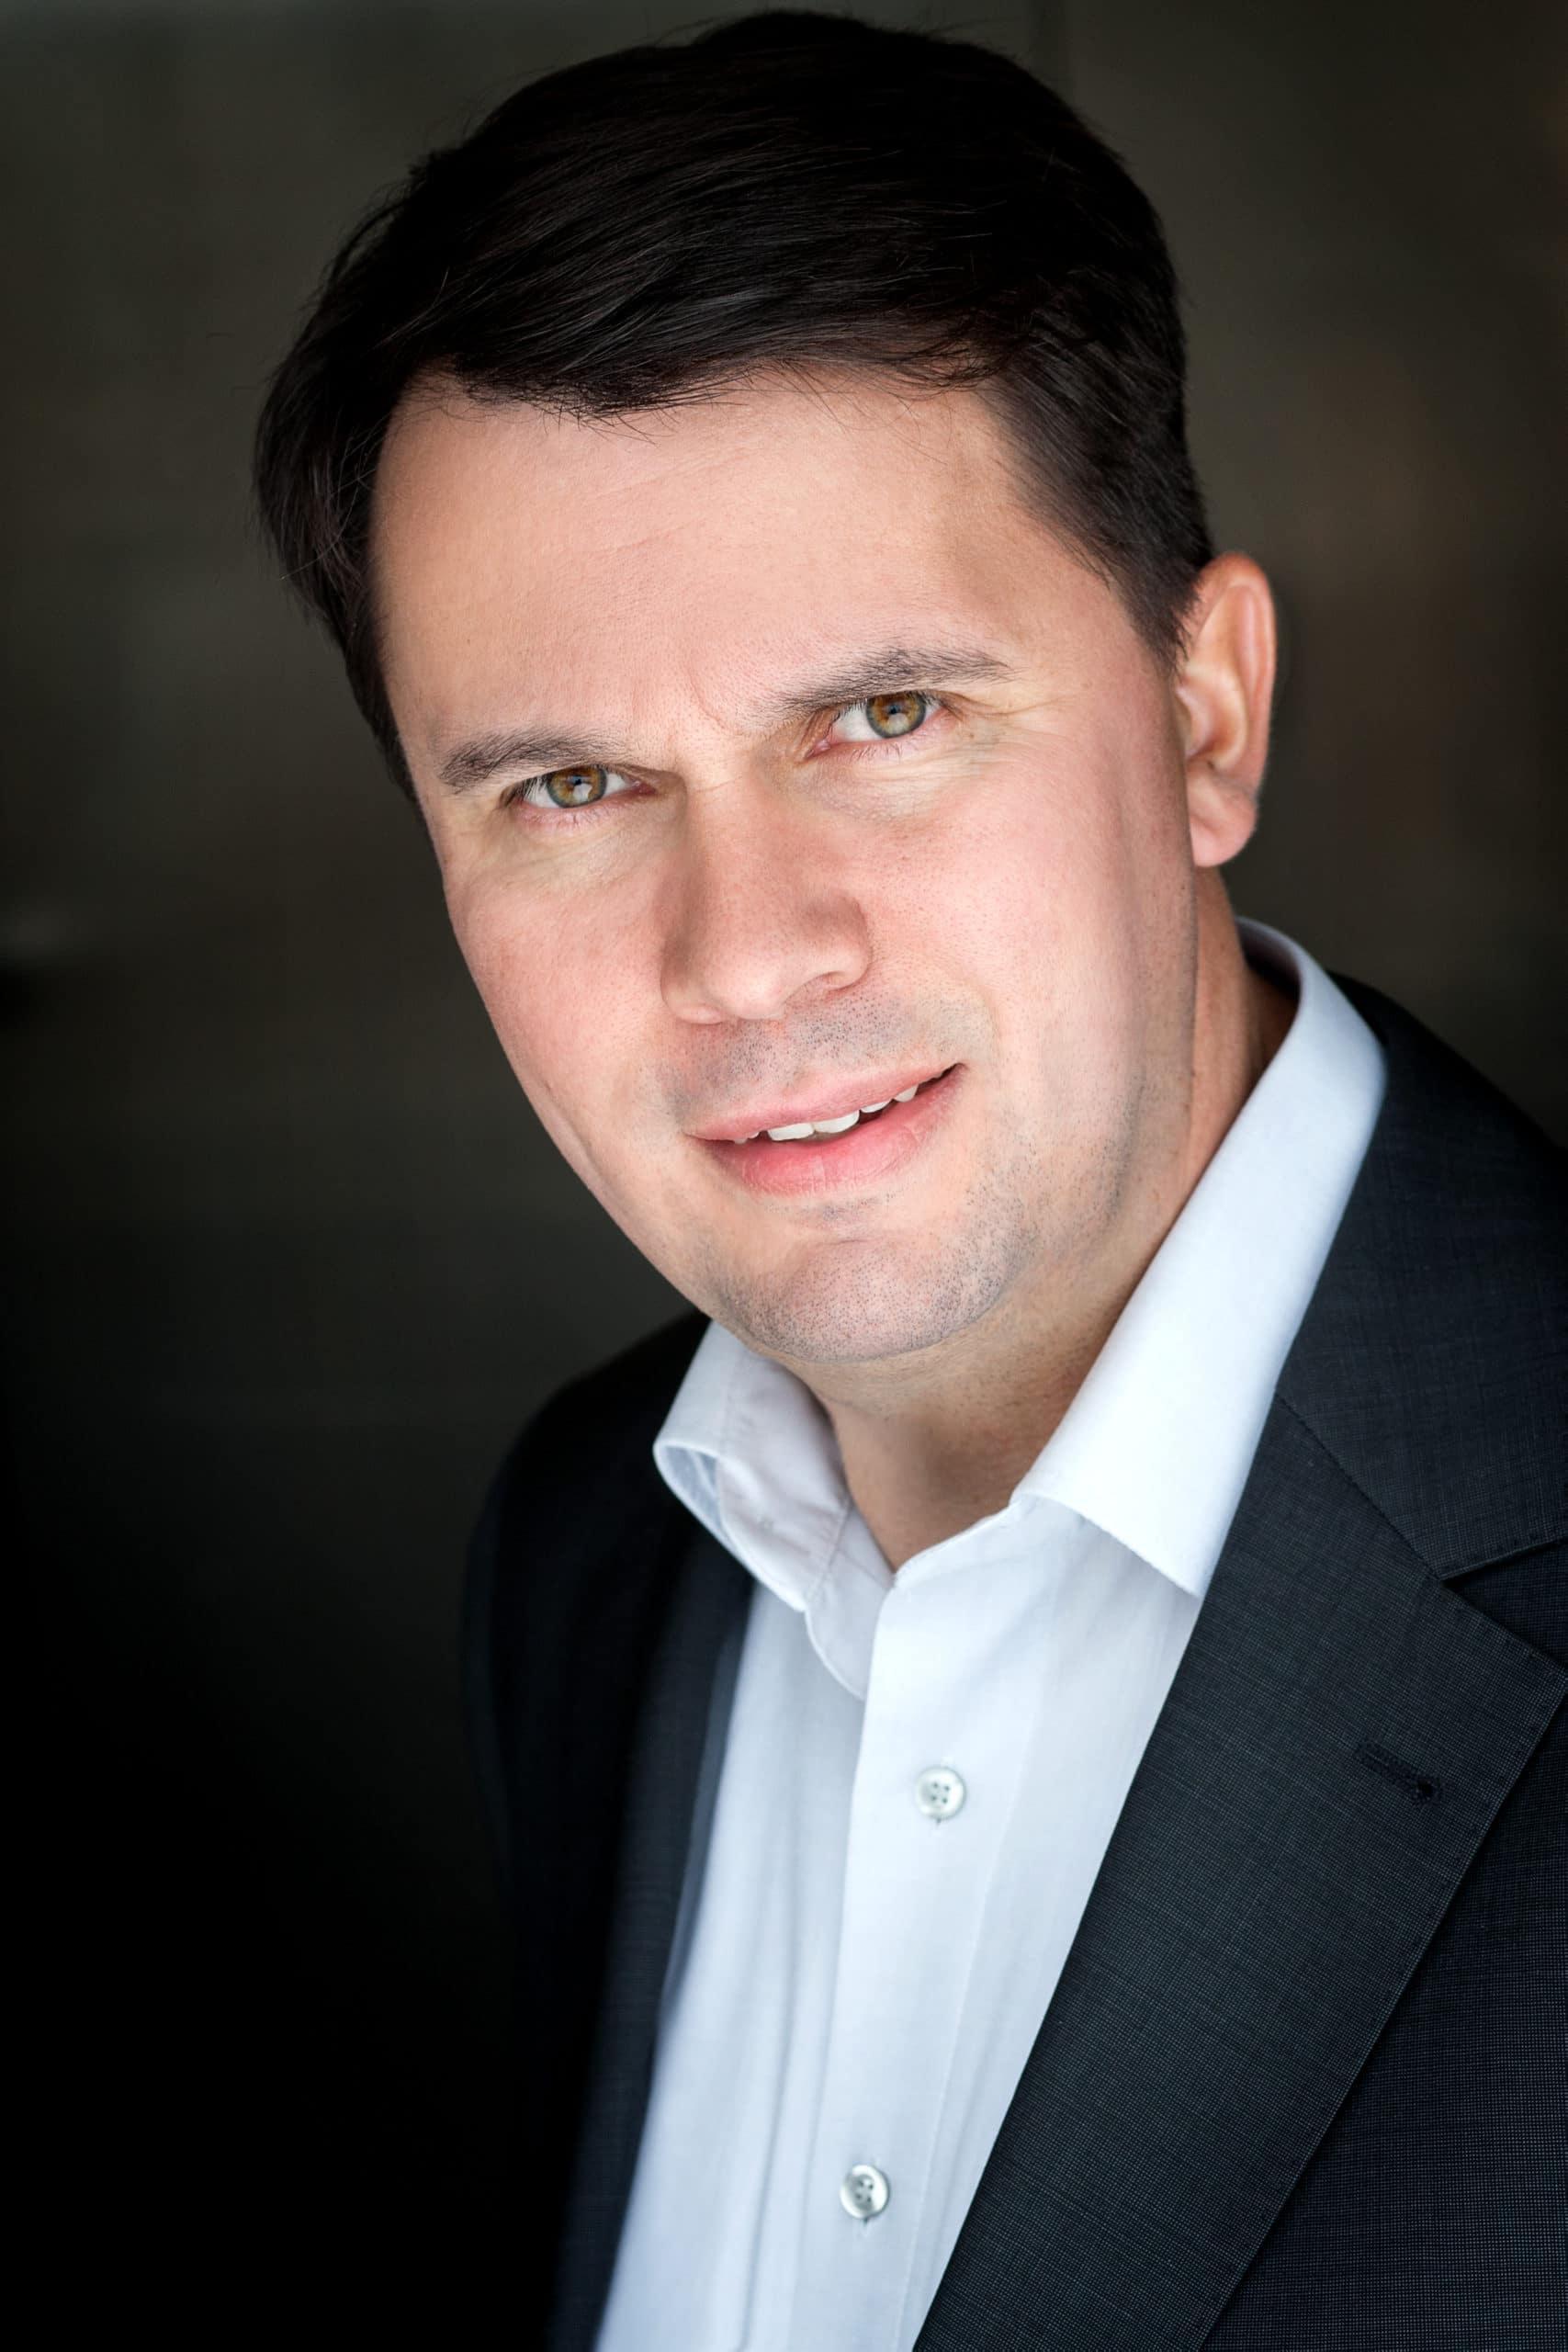 Existenzgründer Coach Berlin; Existenzgründer Corona Hilfe; bundesweit Existenzgründerberatung mit AVGS